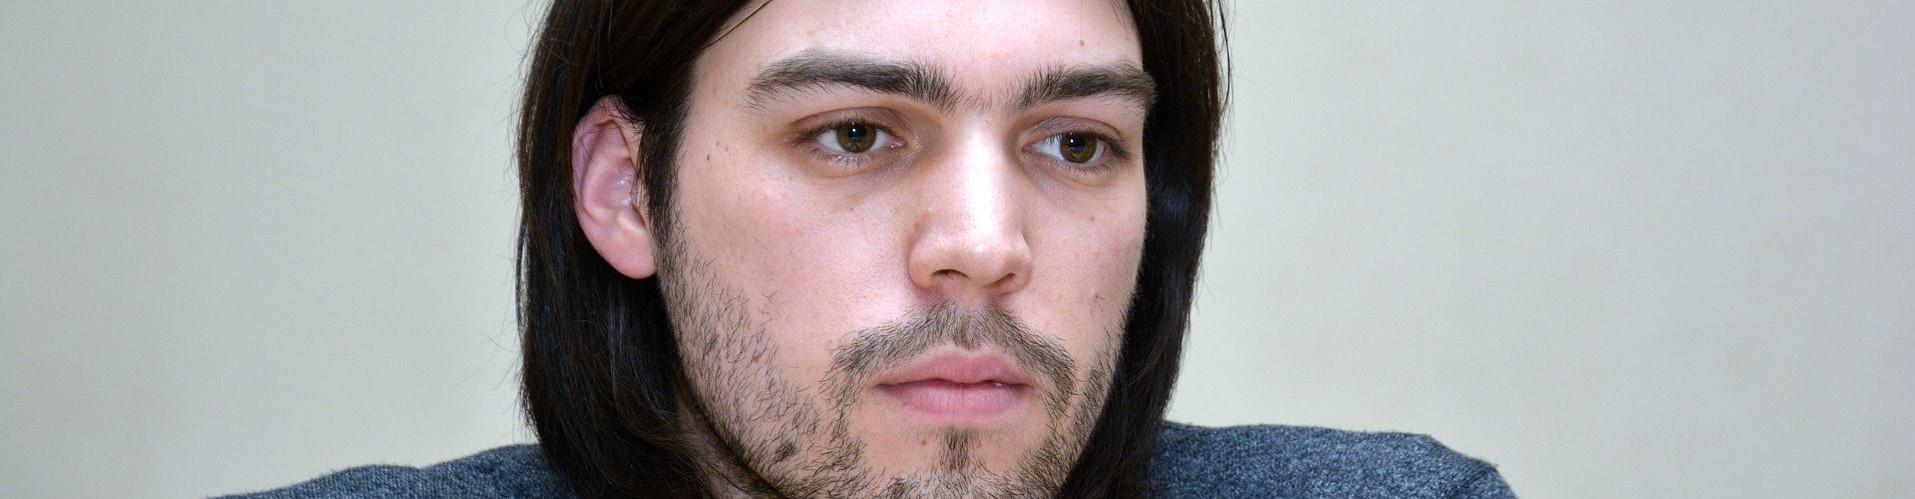 Sinčić: HRT-ova odluka bila je pokušaj državnog udara